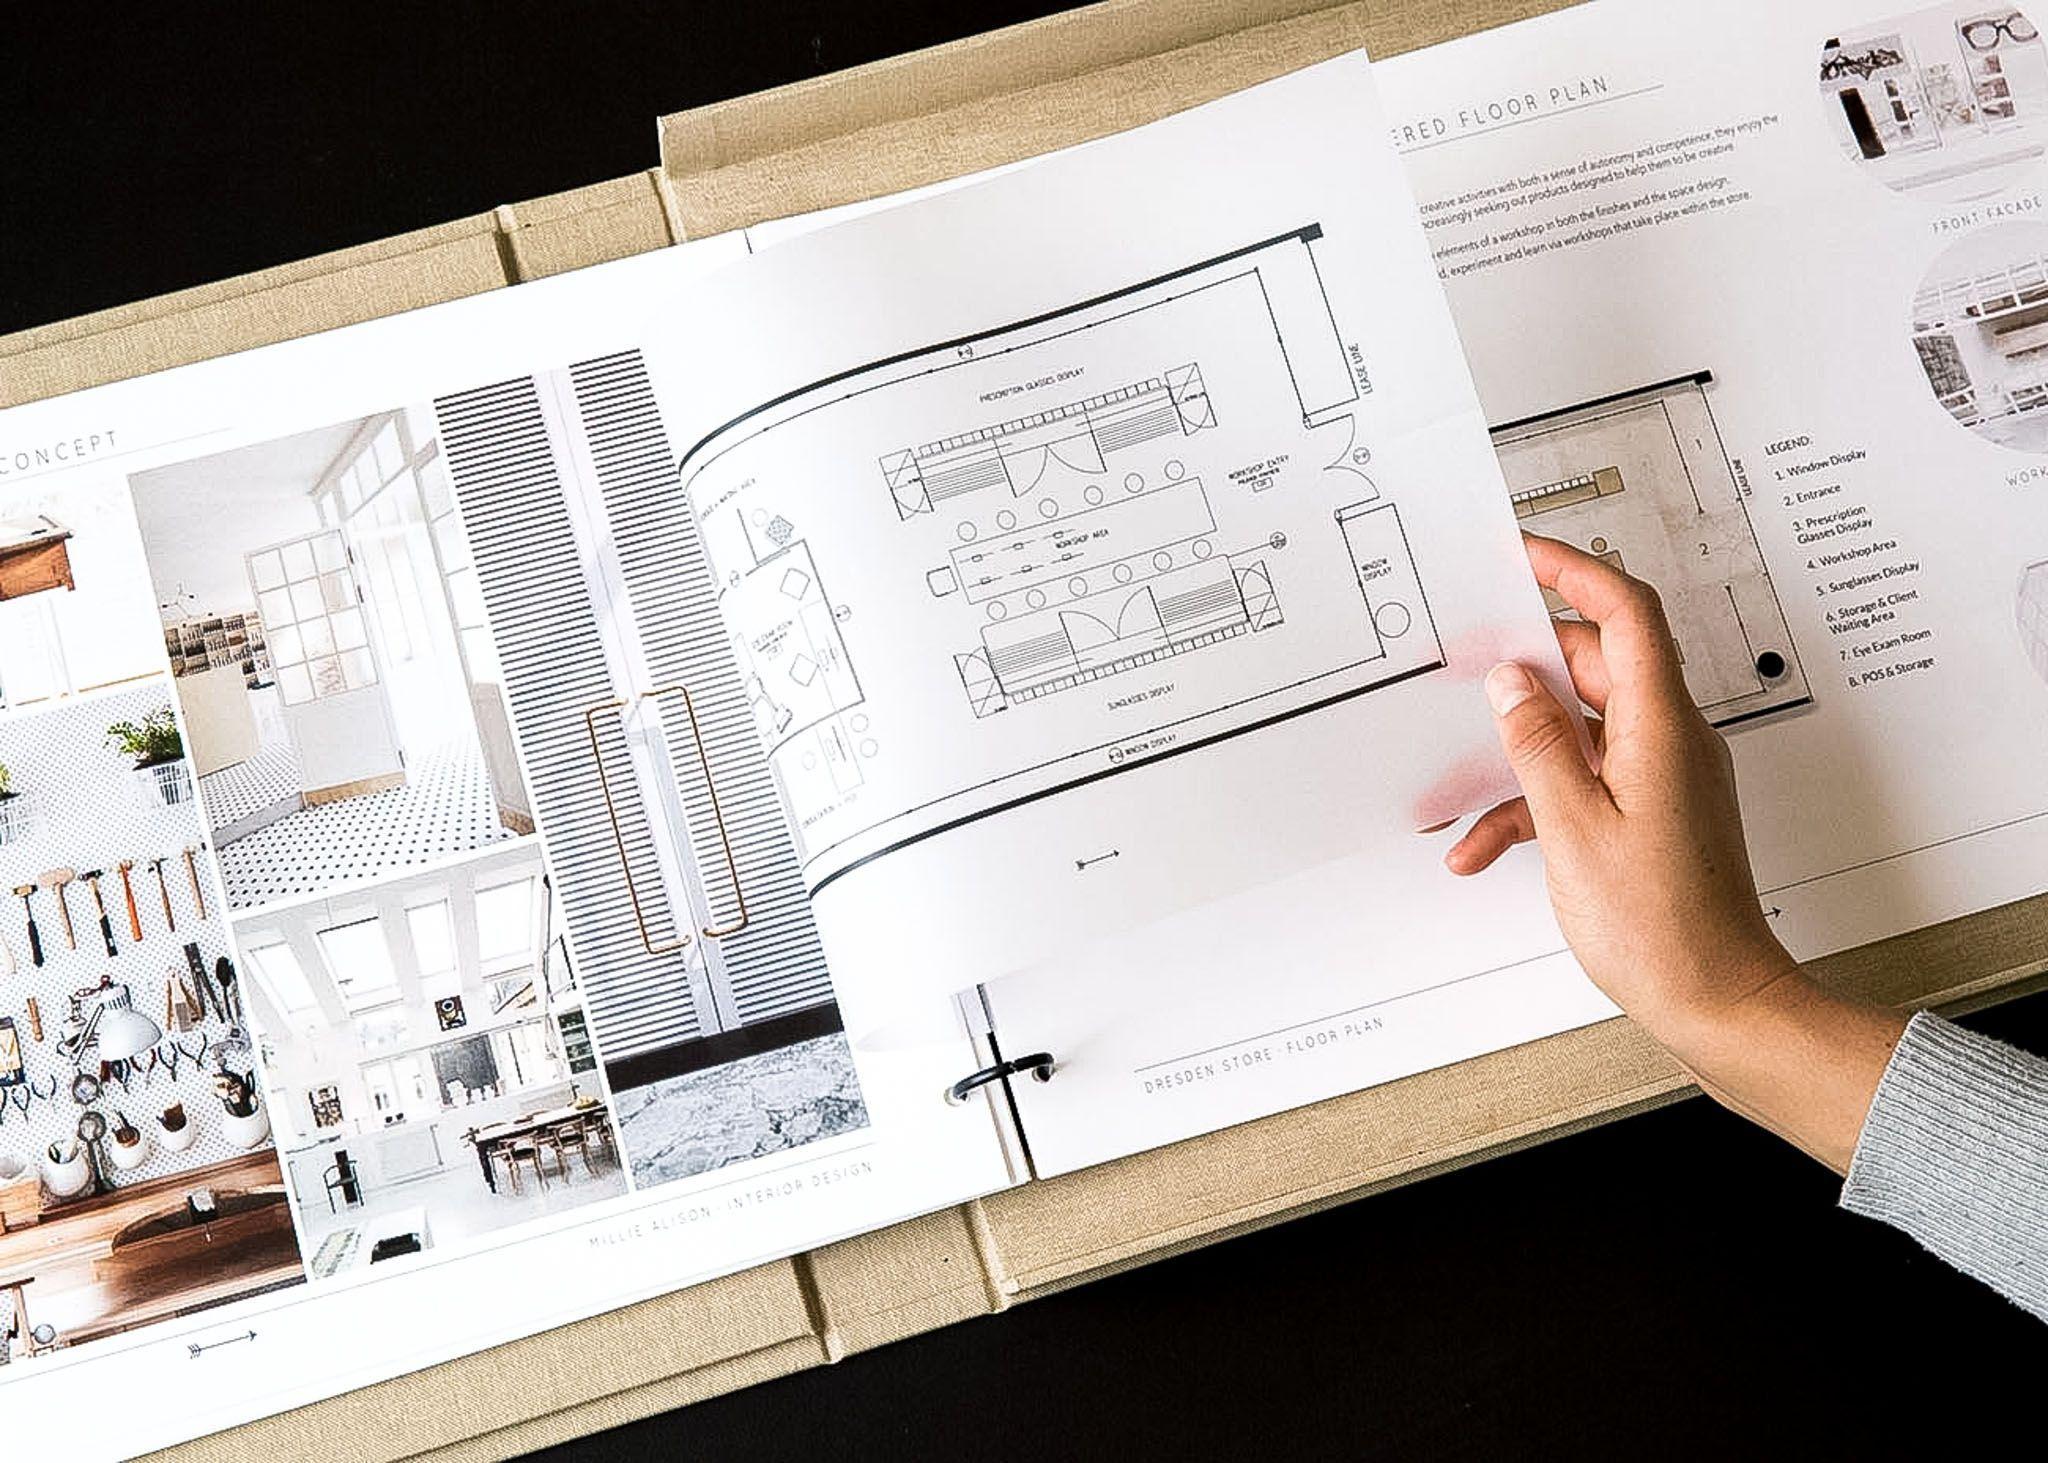 Pin By Jaydakoss On Dialcreak In 2020 Interior Design Presentation Boards Presentation Board Design Interior Design Presentation